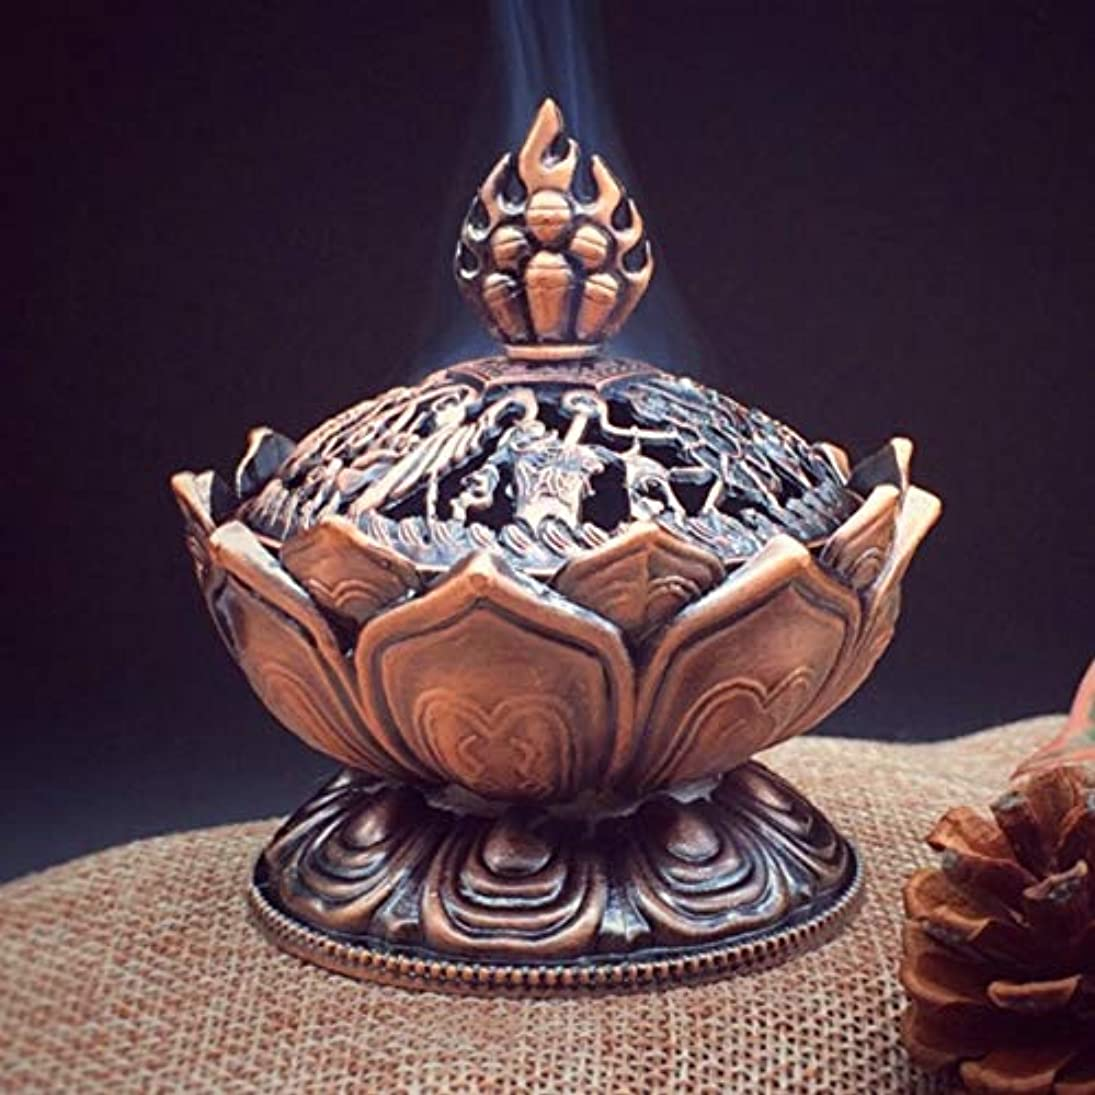 中古ポインタ縫うHoly Tibetan Lotus Designed Incense Burner Zinc Alloy Bronze Mini Incense Burner Incensory Metal Craft Home Decor